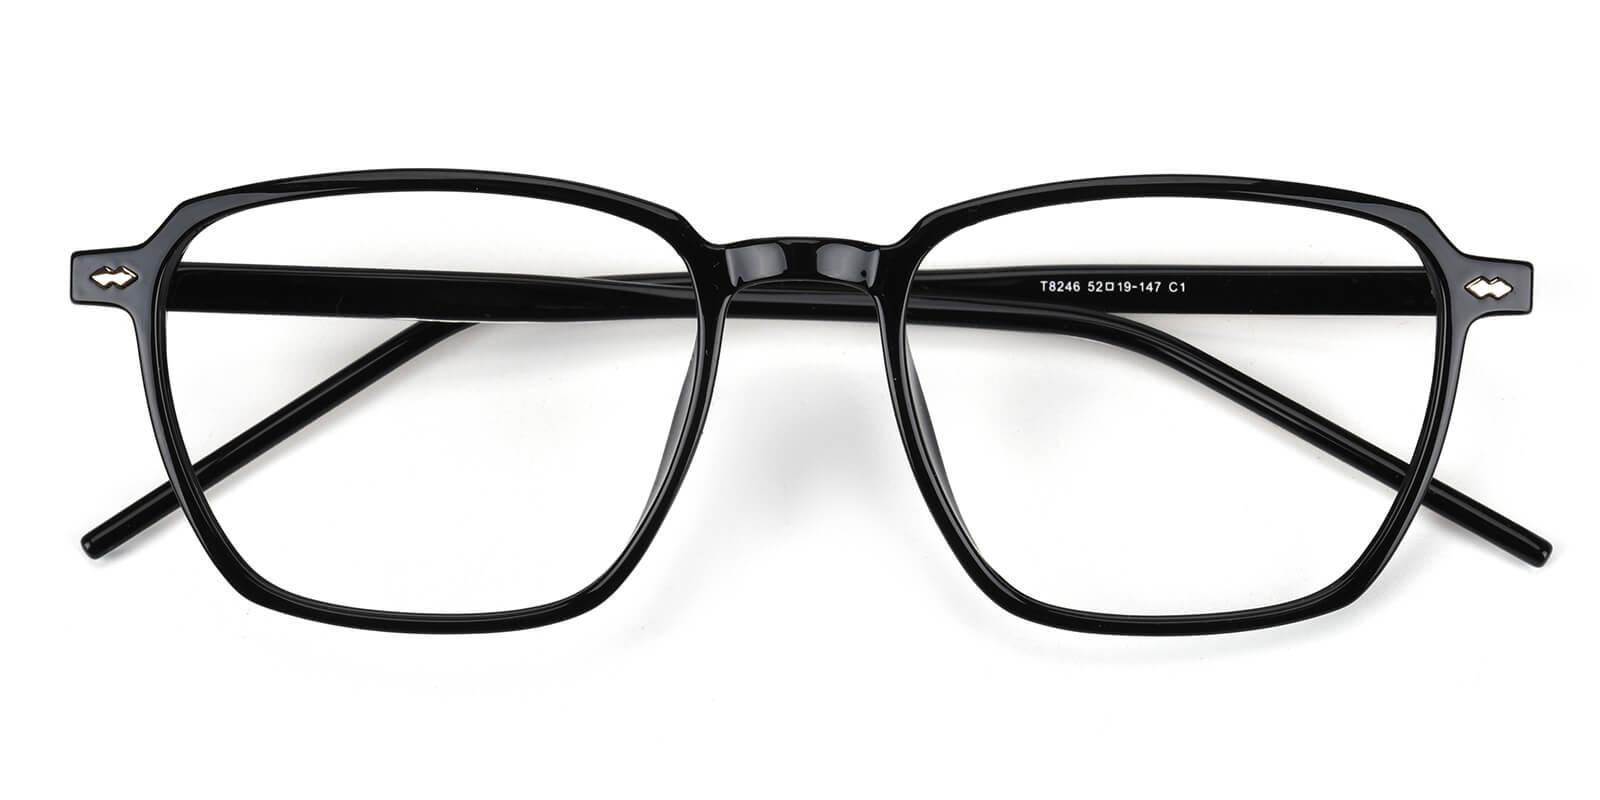 Rolita-Black-Square-TR-Eyeglasses-detail